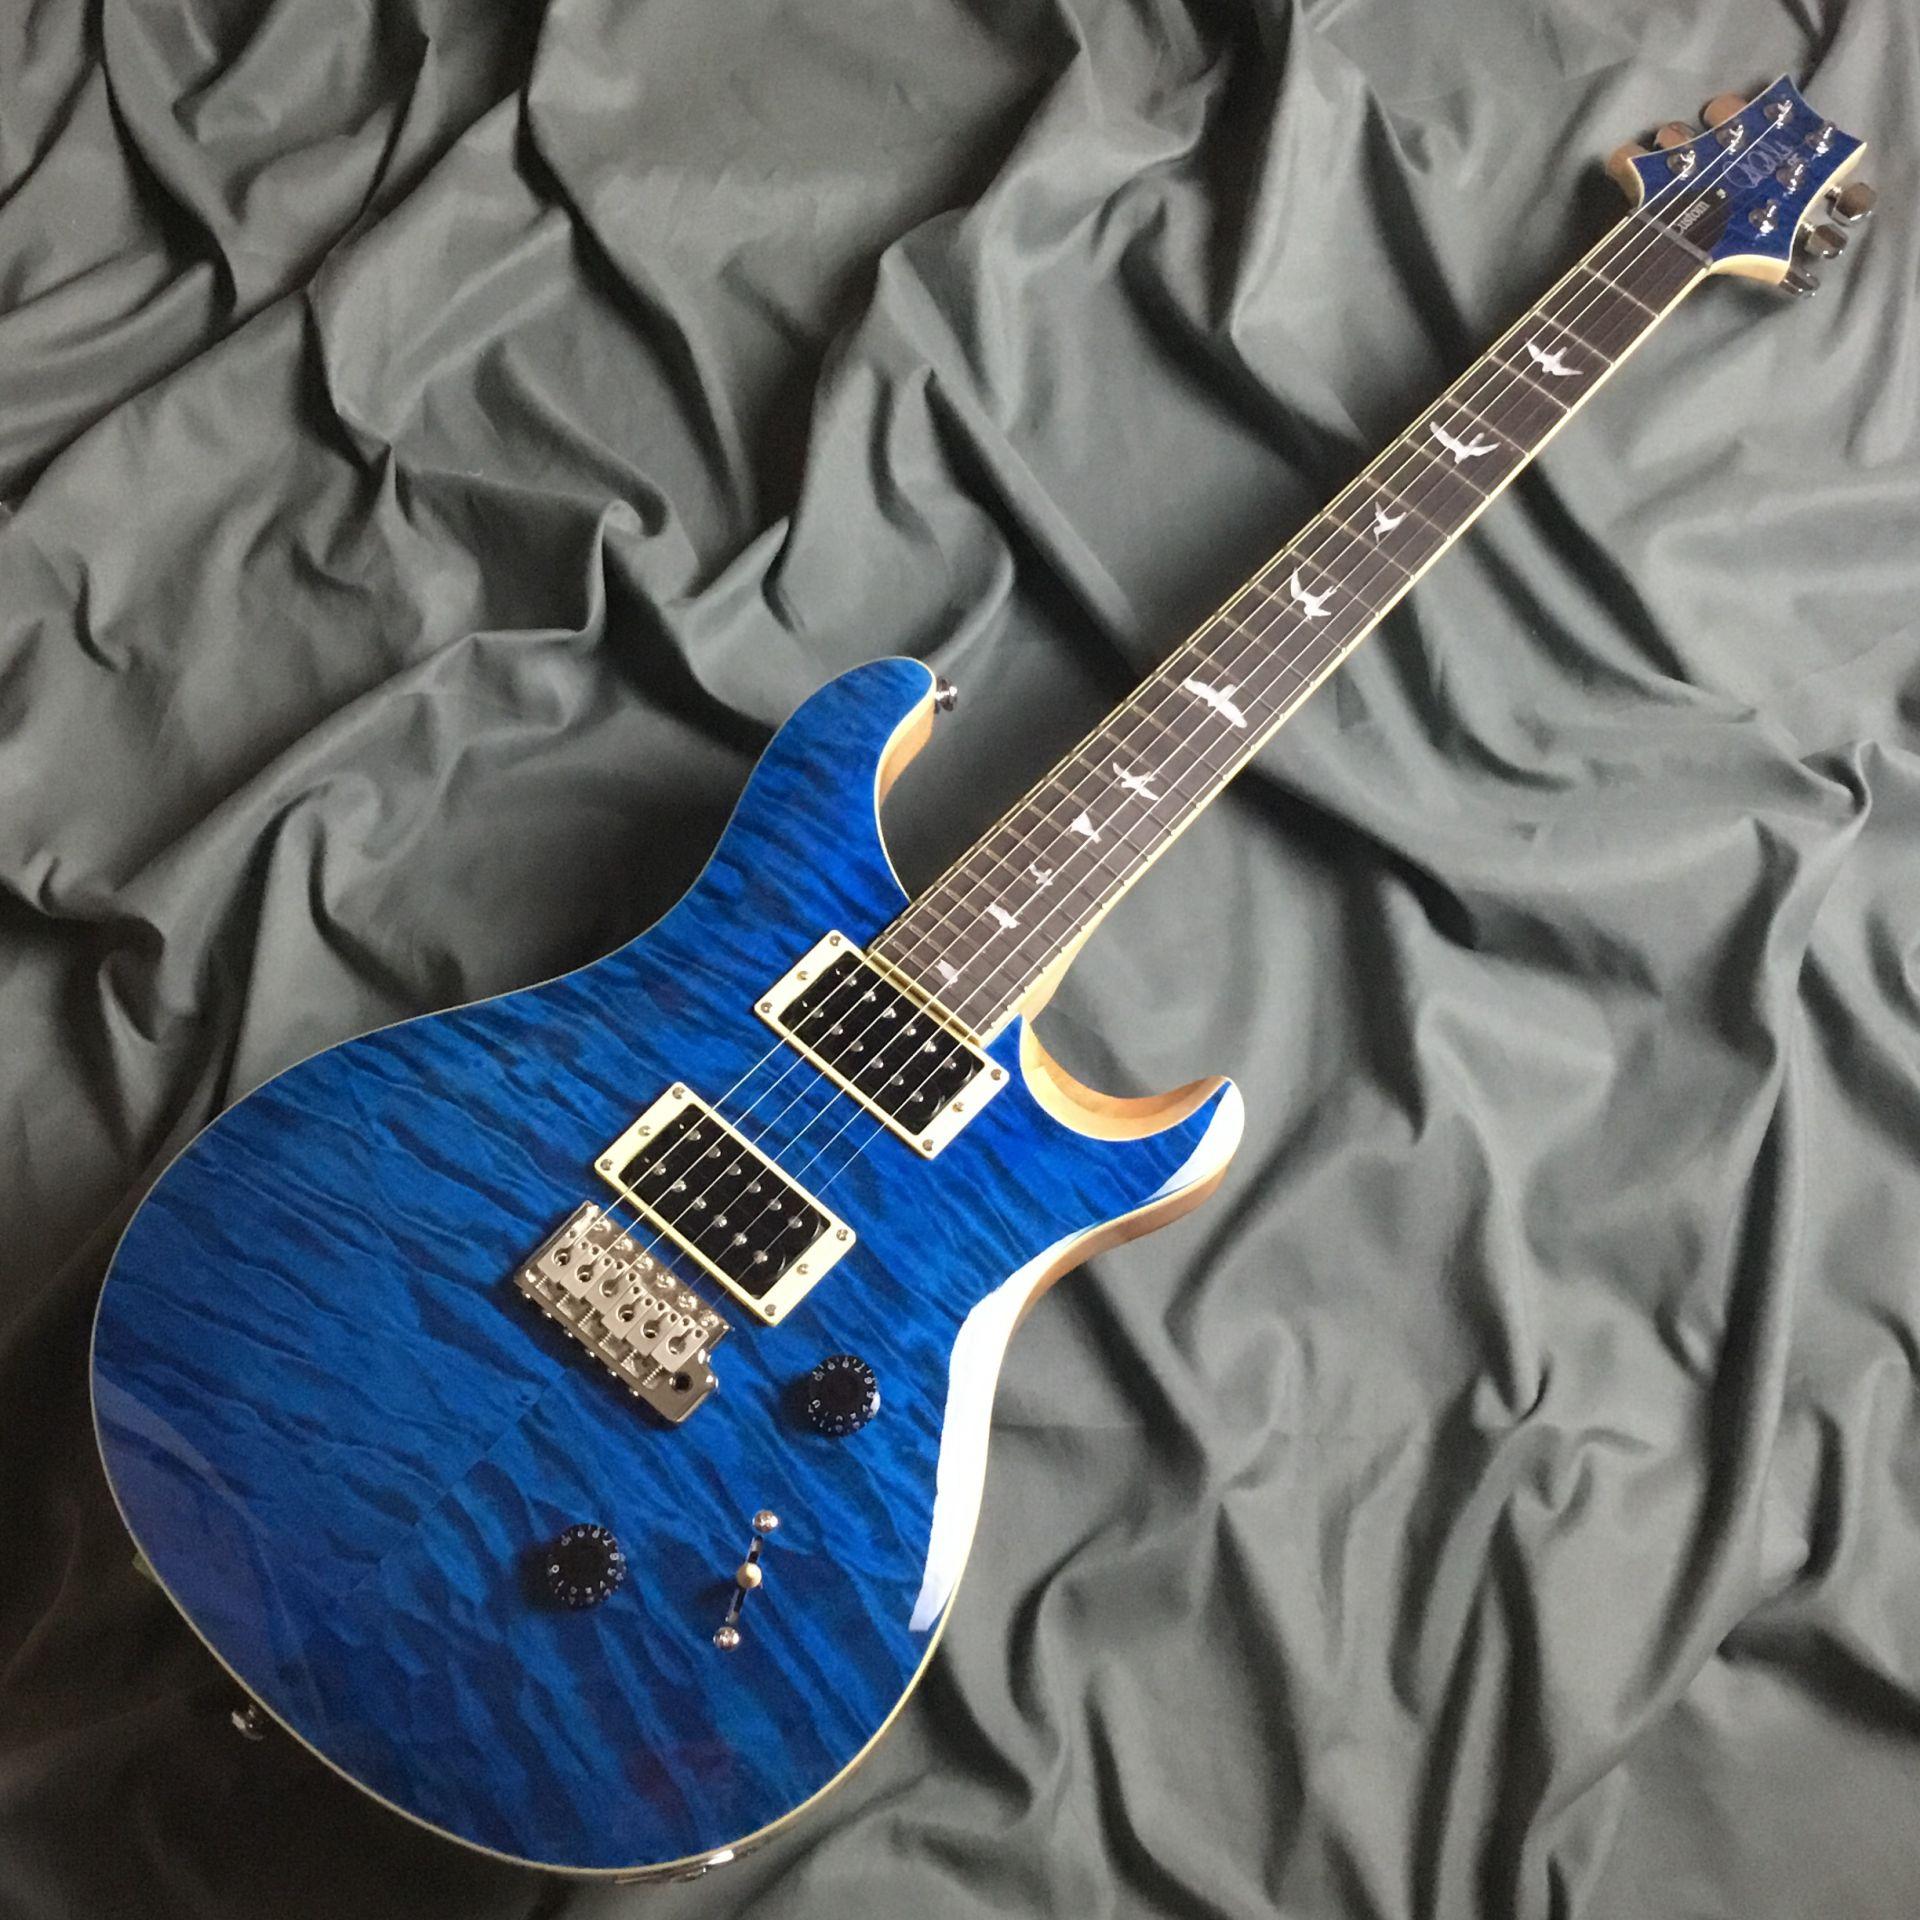 SE CUSTOM 24 QM LTD  Blue Matteo 島村楽器オリジナルモデルのボディバック-アップ画像